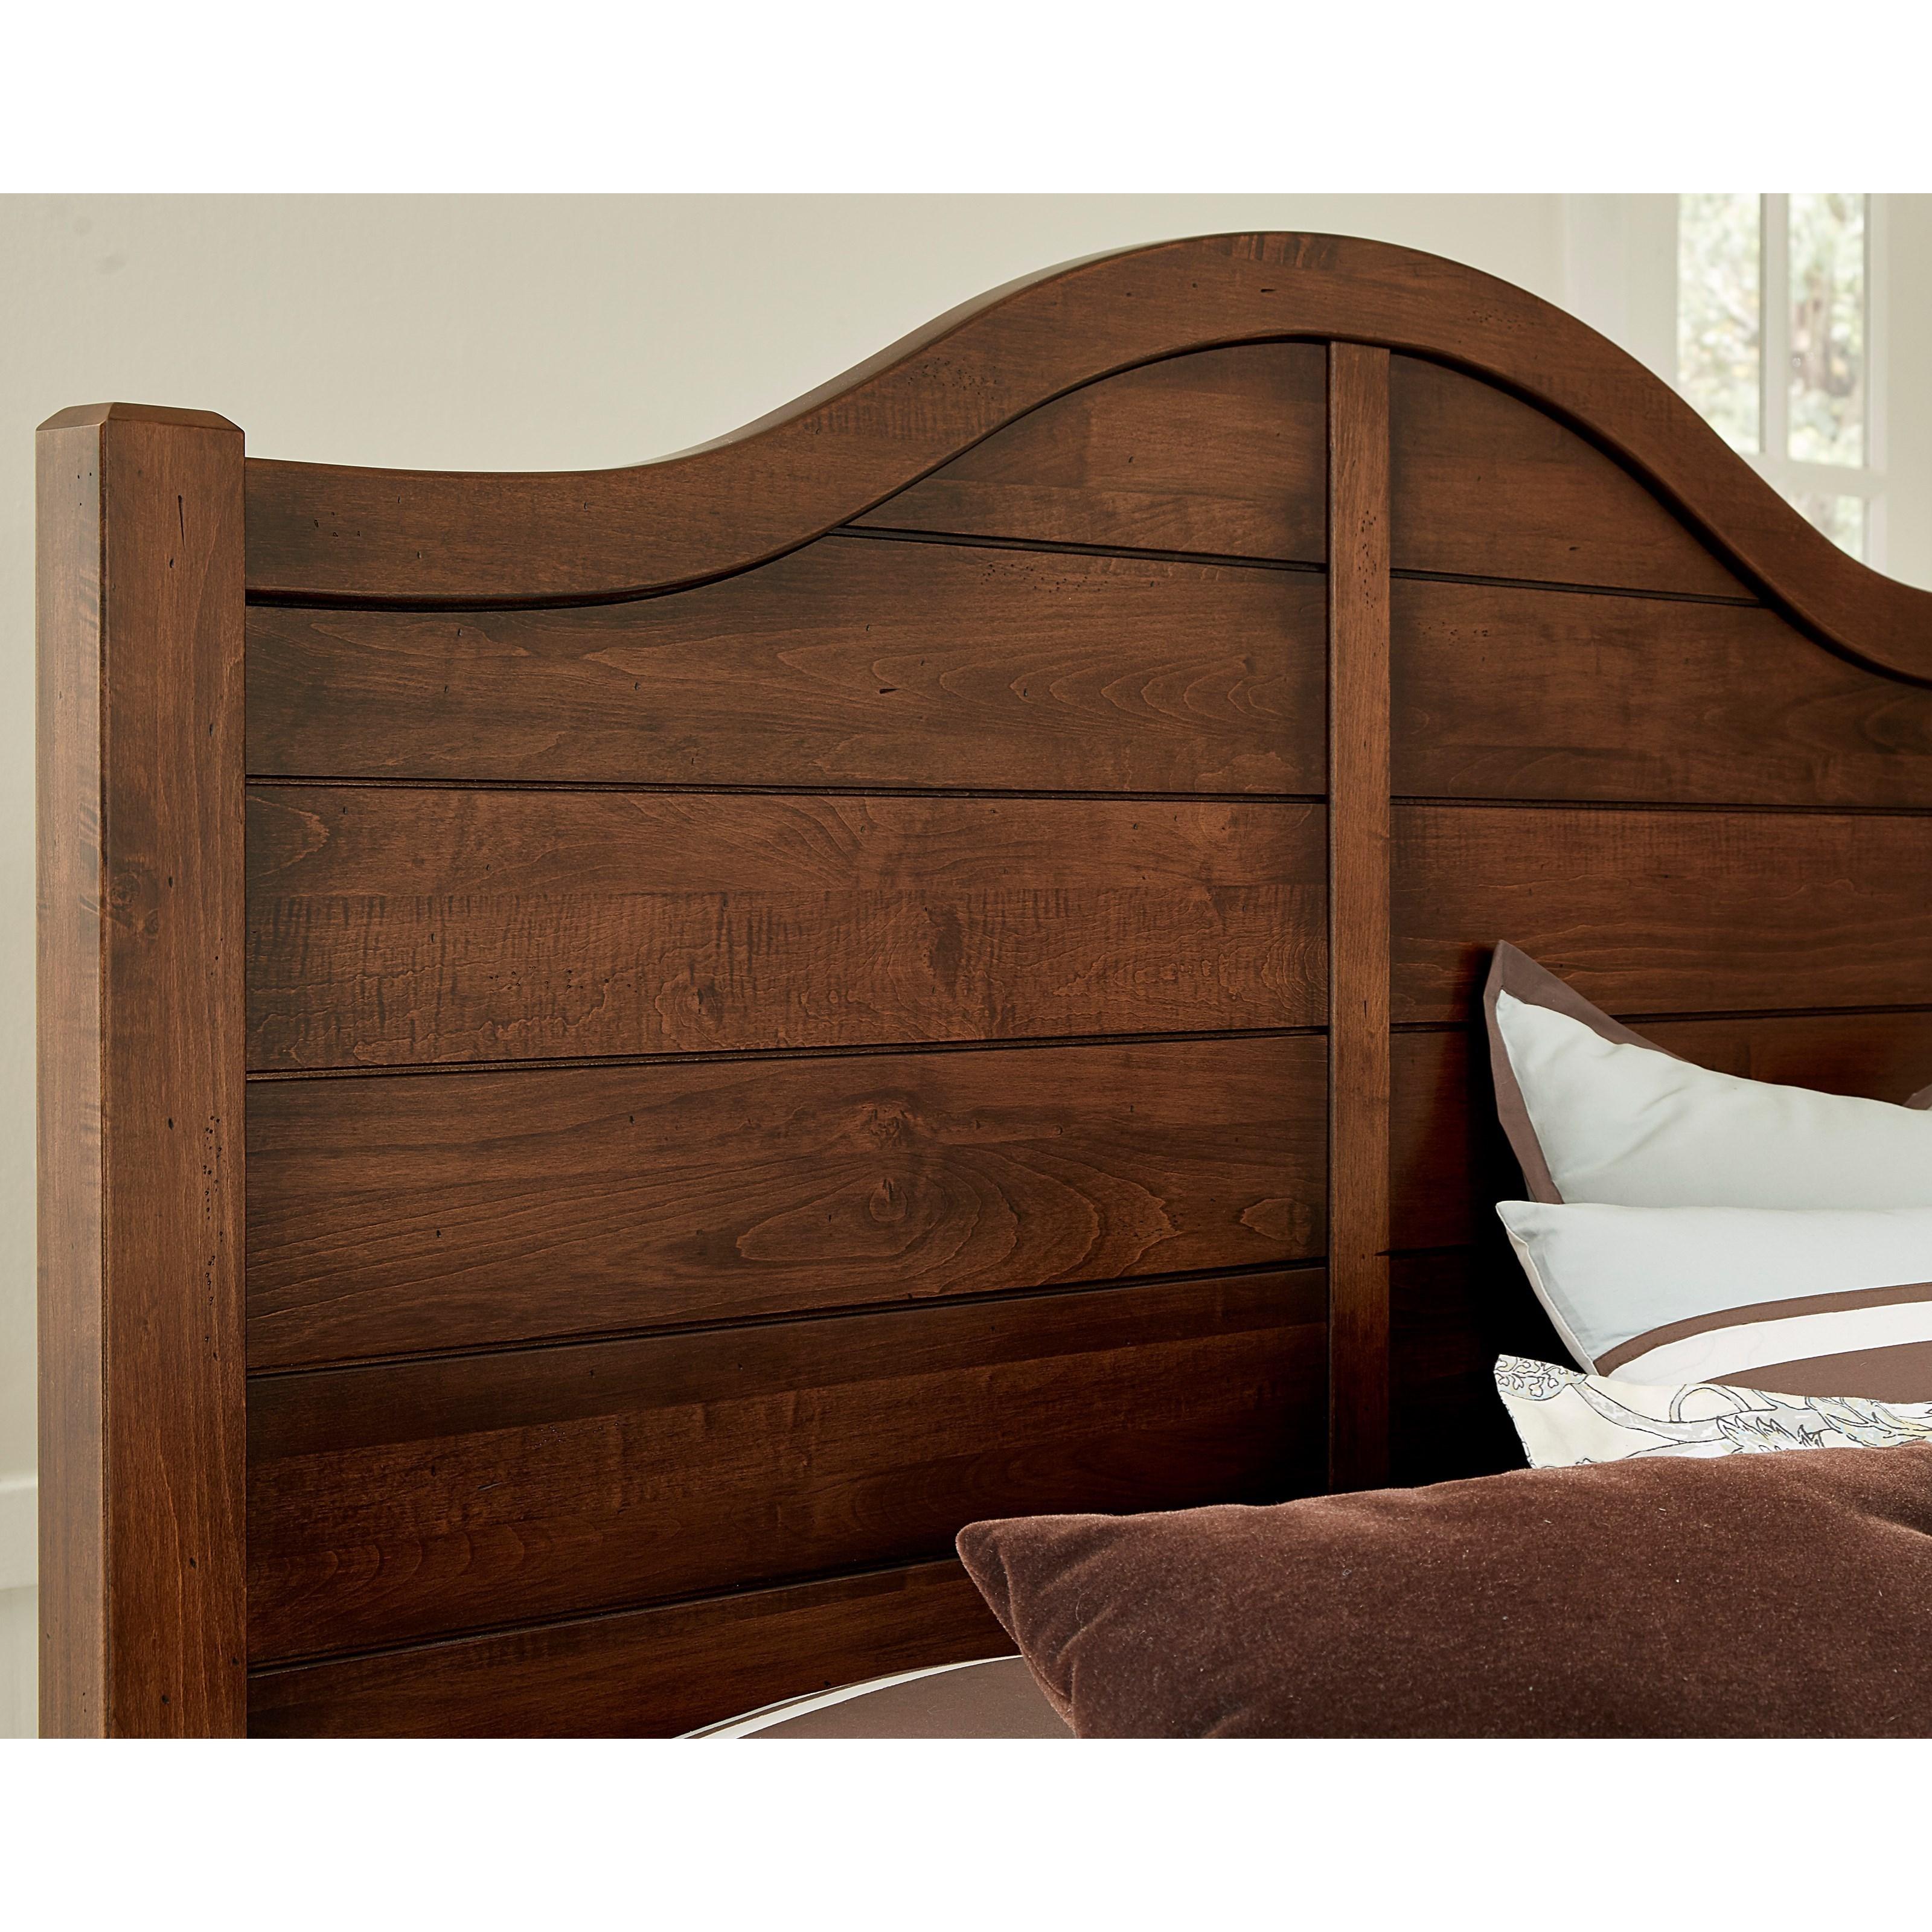 Vaughan bassett american maple 400 449 solid wood full for Full headboard